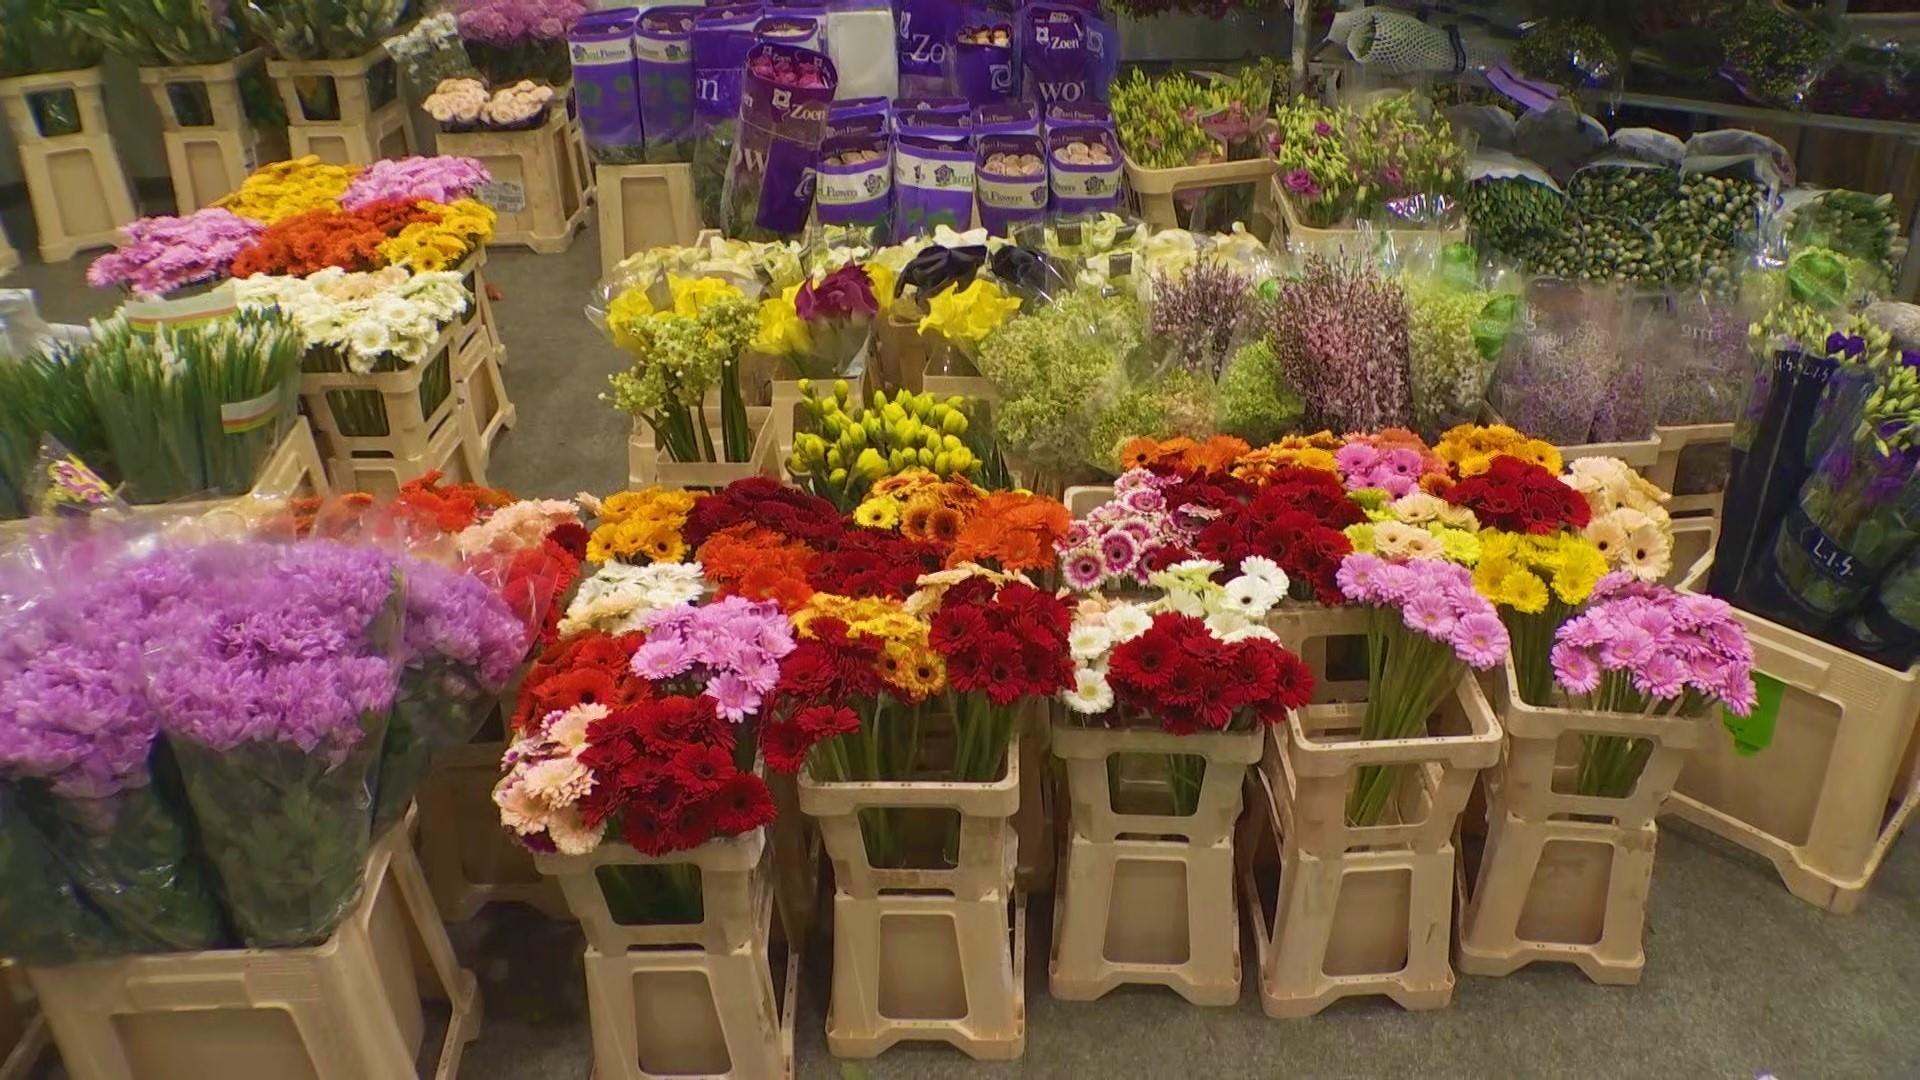 """Exclusiv: """"Wall Street-ul florilor"""", bursa din Olanda unde florile se vând în 5 secunde"""